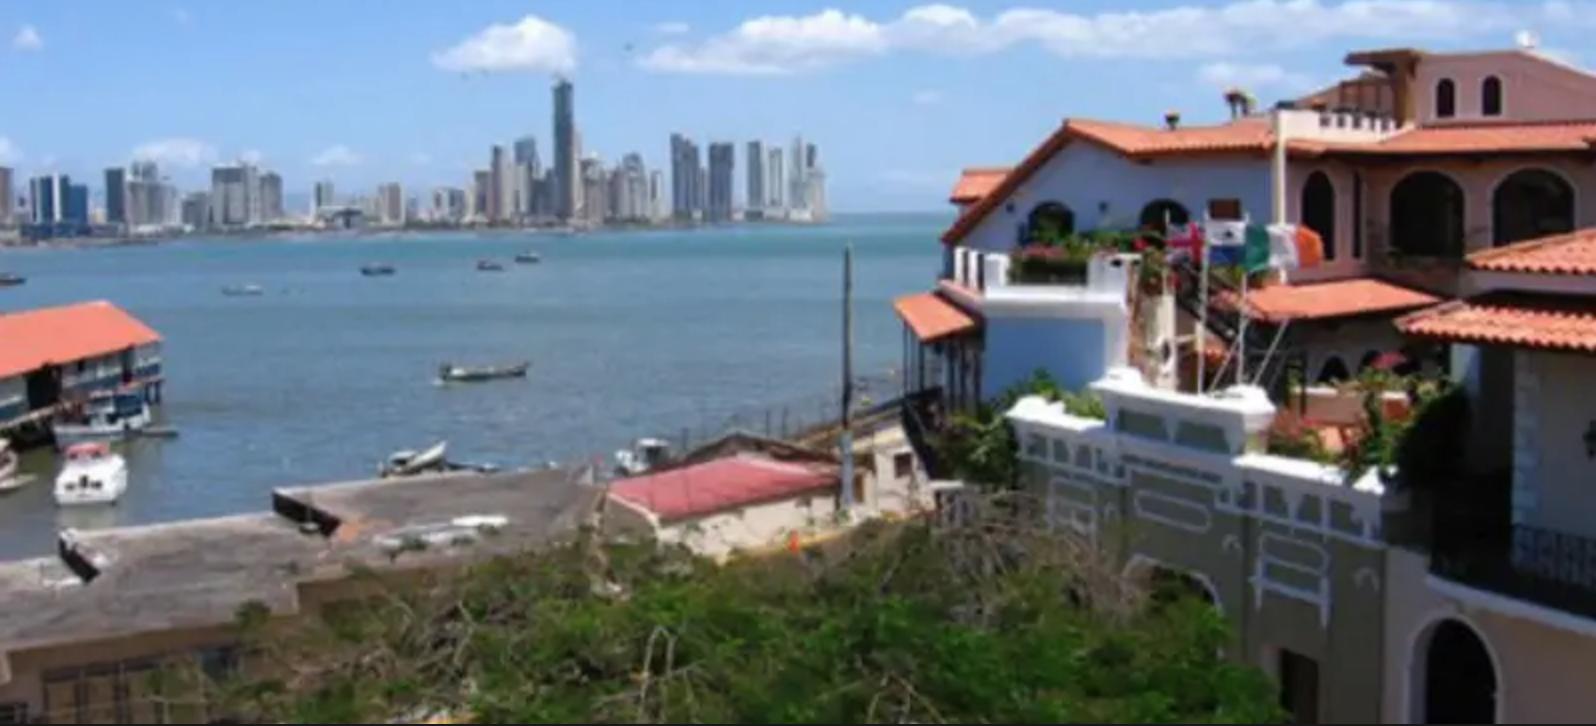 Panama City Is Truly Panamania